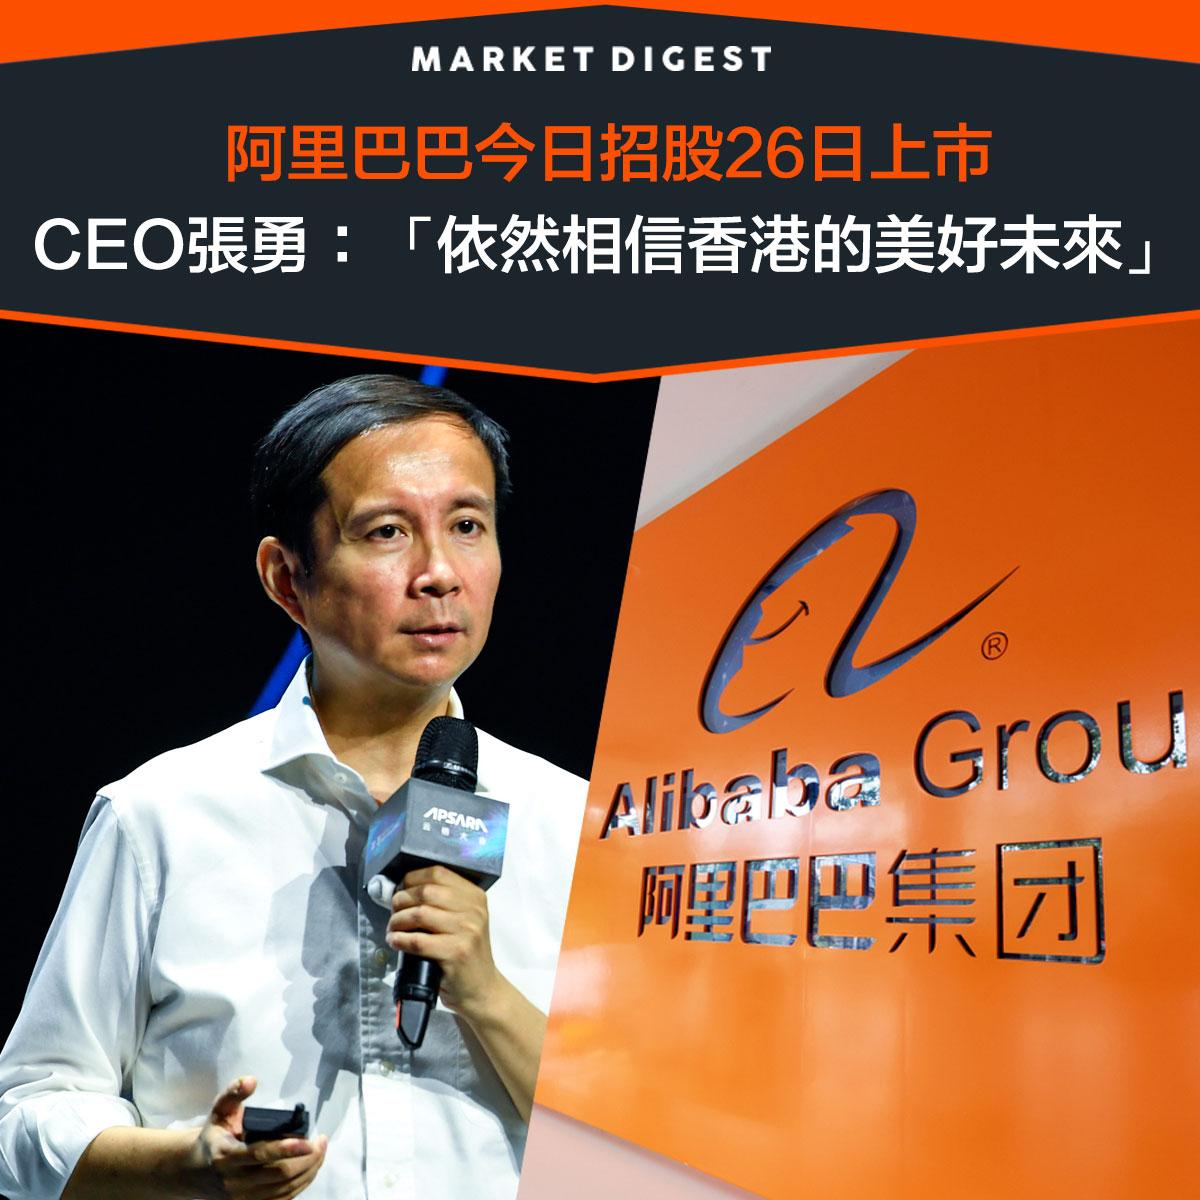 【新股熱話】阿里巴巴今日招股26日上市,CEO張勇:「依然相信香港的美好未來」